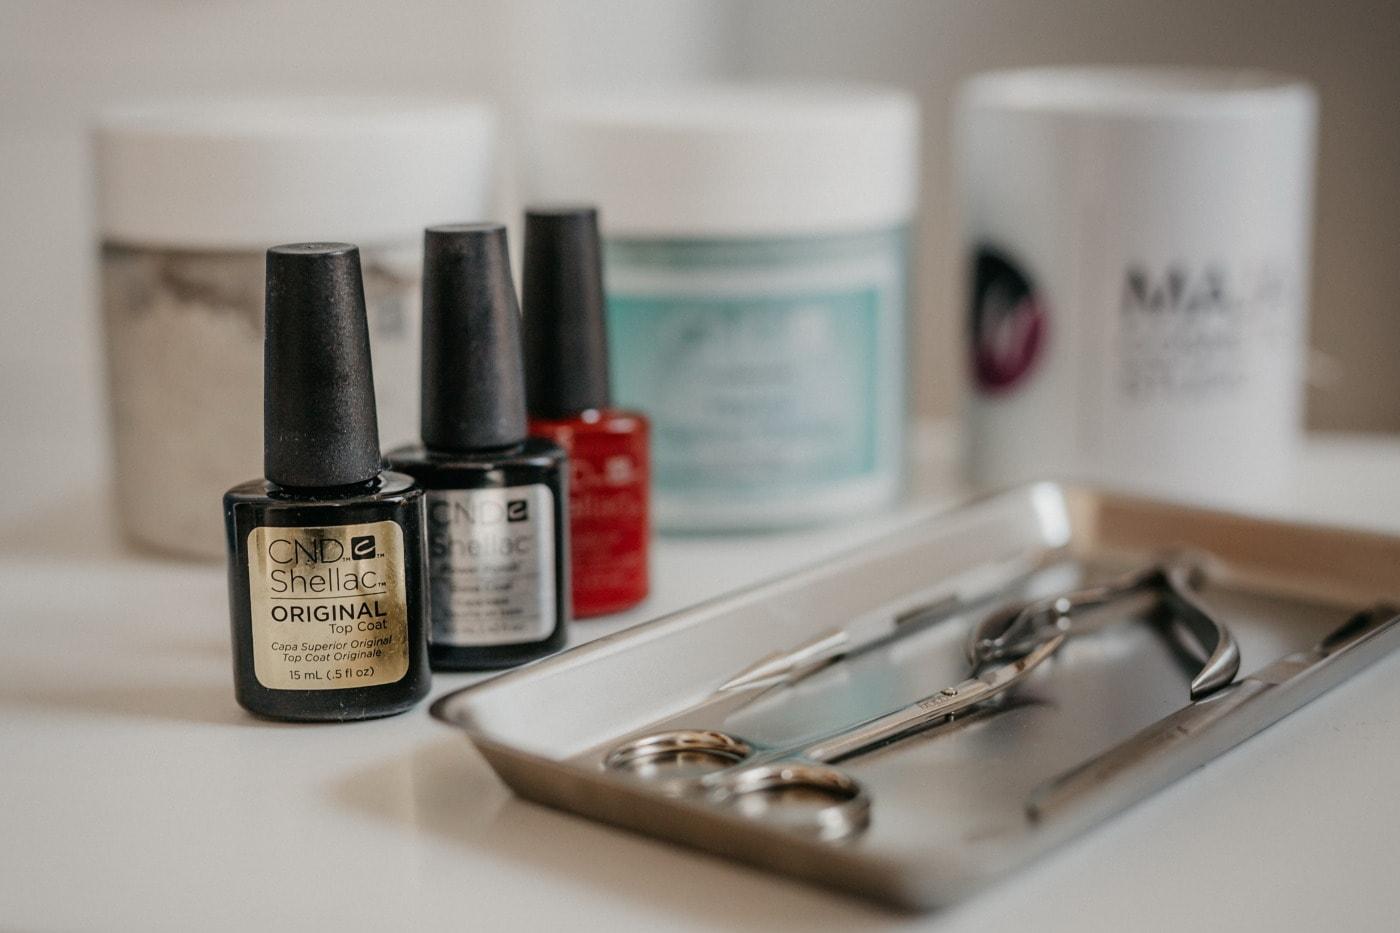 manikur, Salon, kosmetik, gunting, cat, alat tangan, profesional, di dalam ruangan, masih hidup, mode